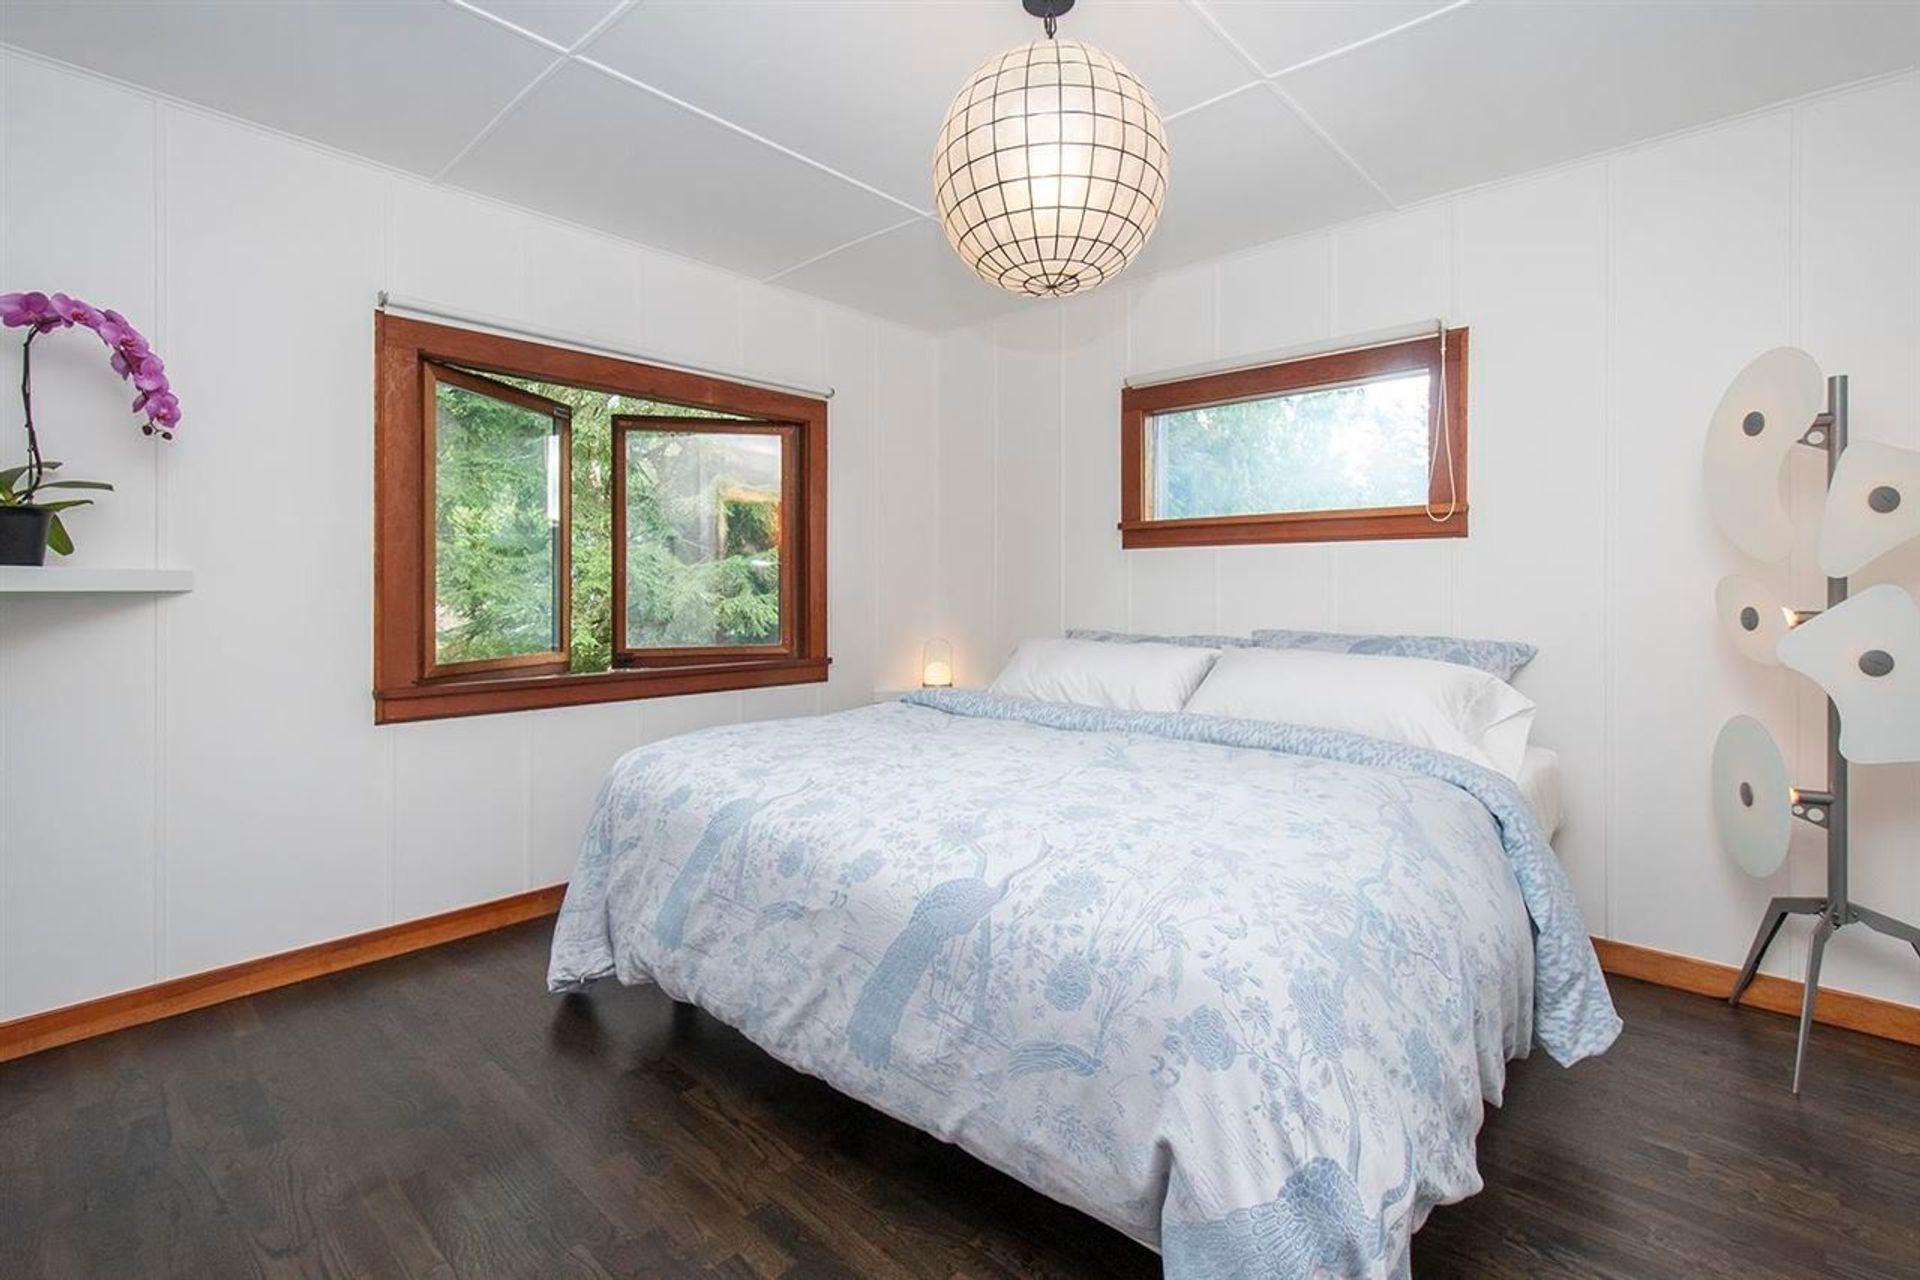 3290-regent-avenue-princess-park-north-vancouver-11 at 3290 Regent Avenue, Princess Park, North Vancouver